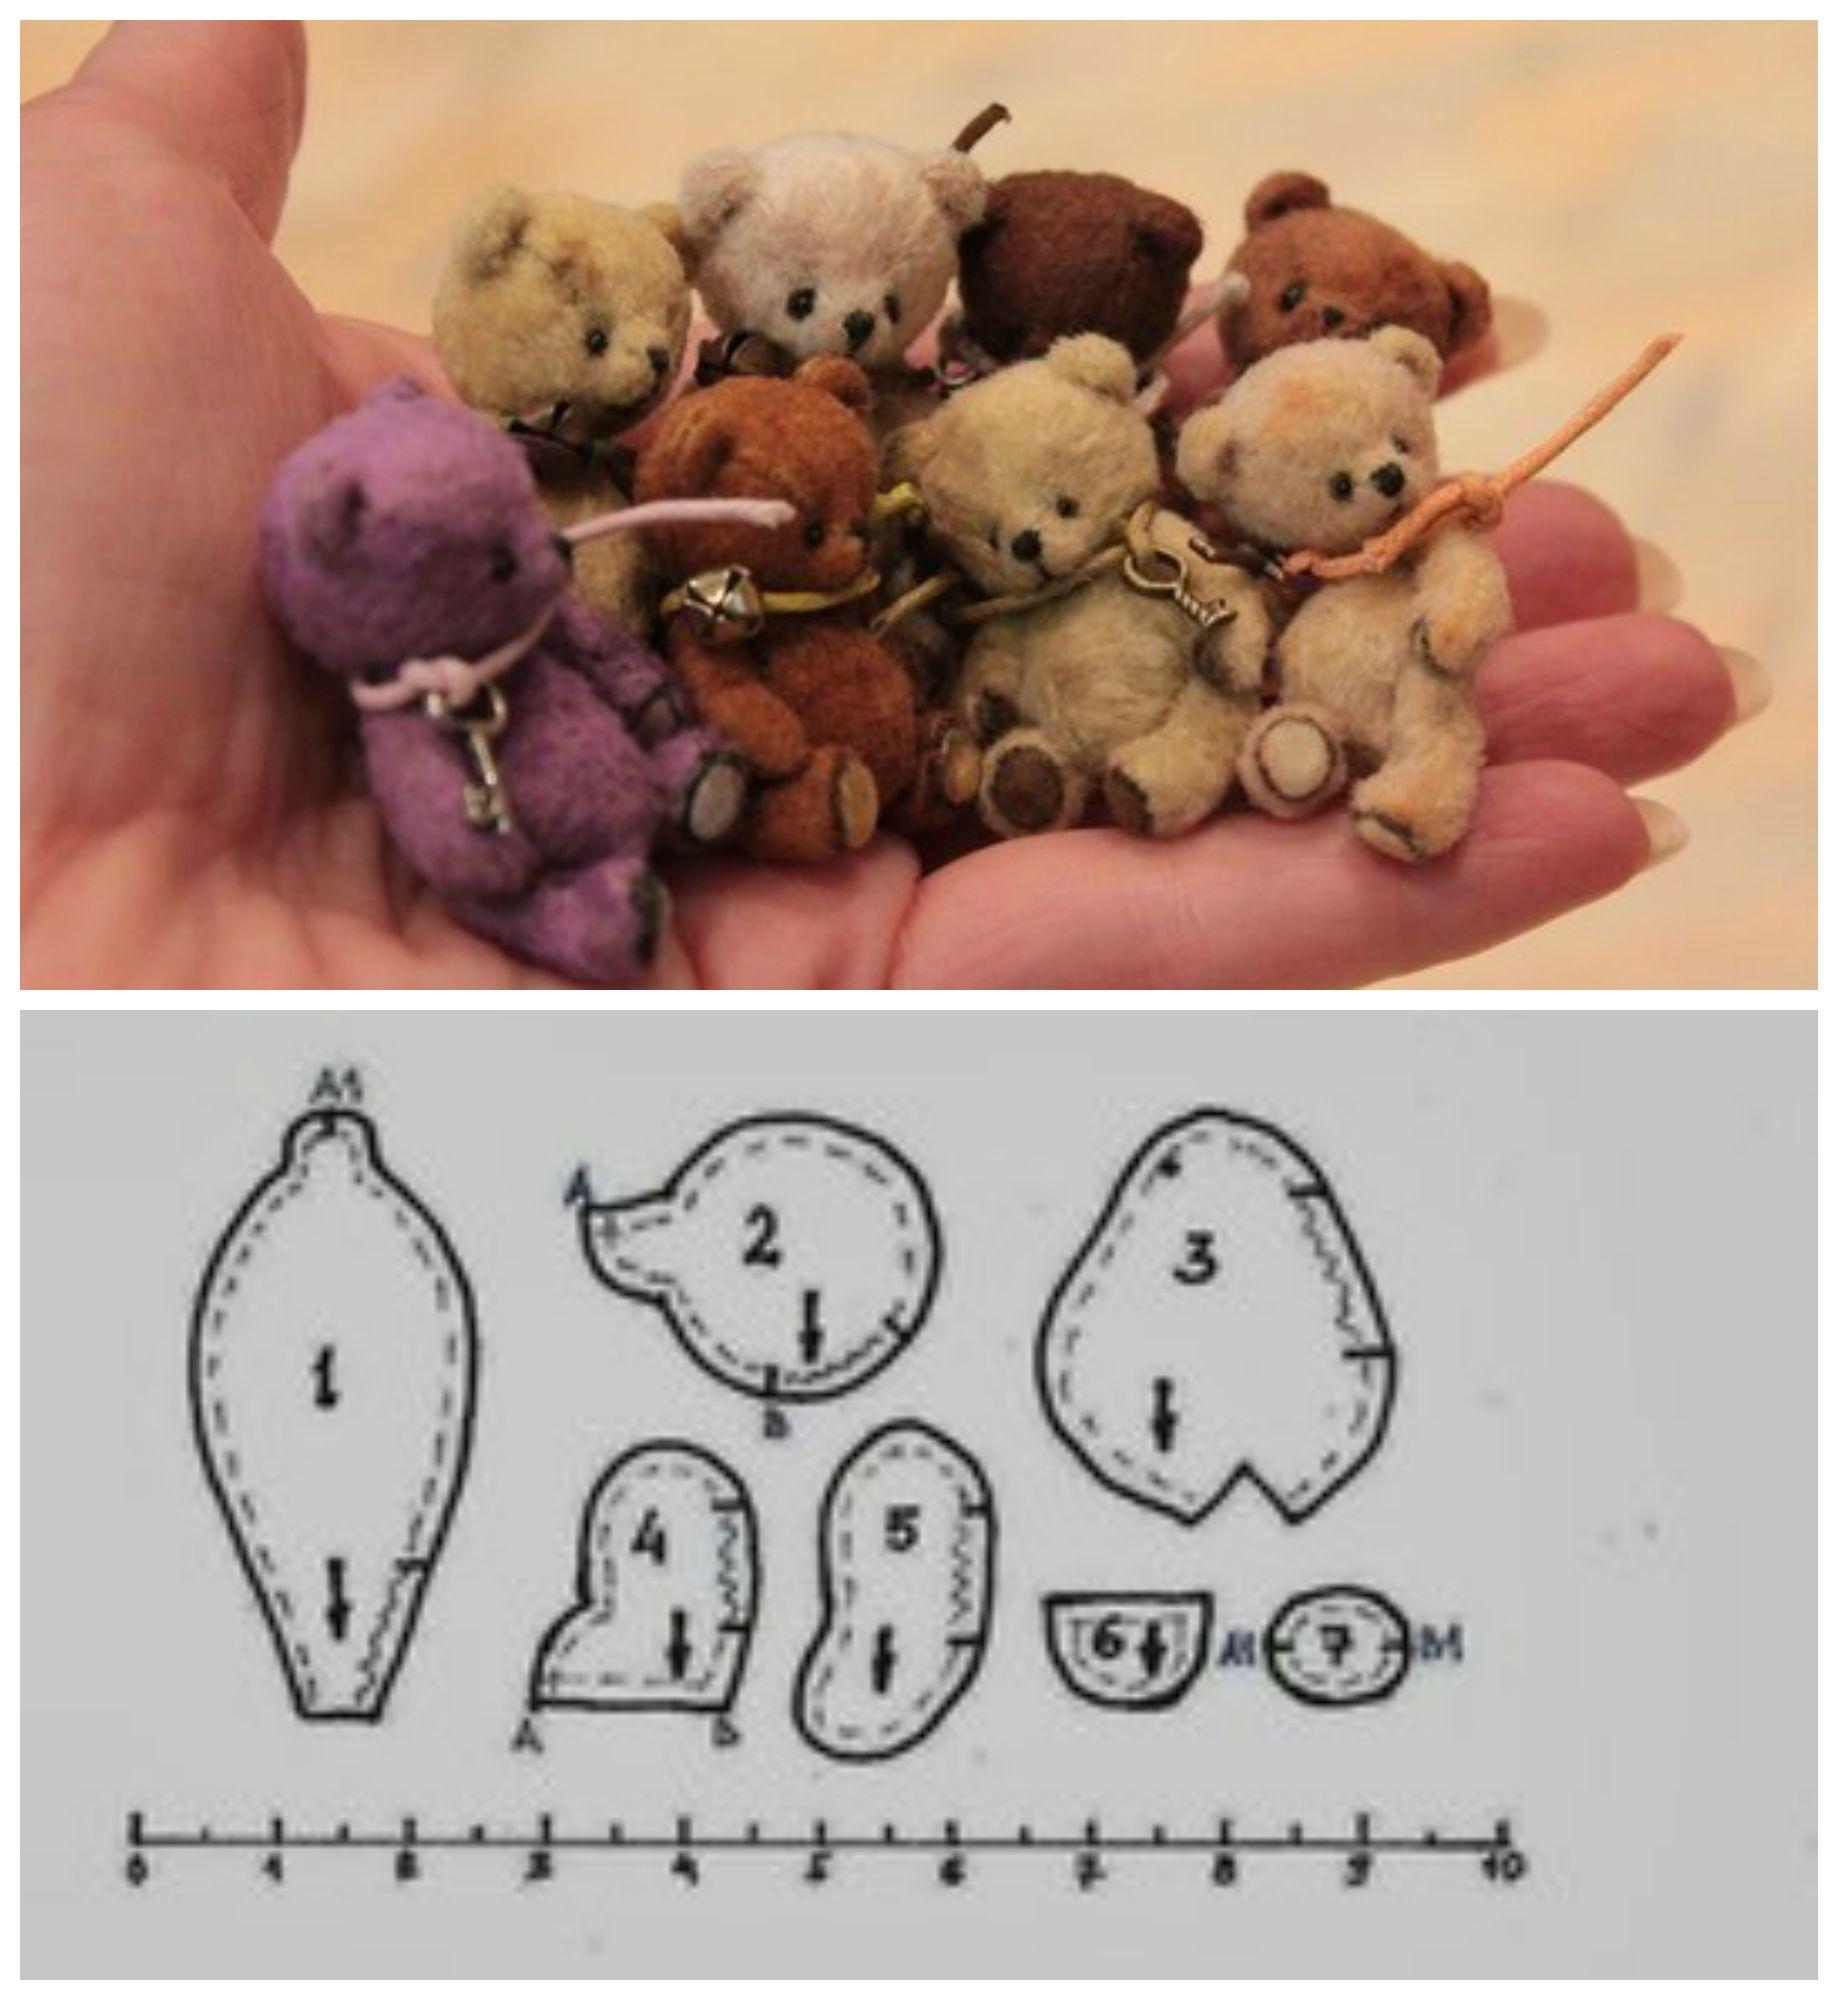 Как сделать мягкую игрушку своими руками. выкройка медведя тедди, тильда, мишка подушка. пошаговая инструкция, пошив, фото, видео уроки